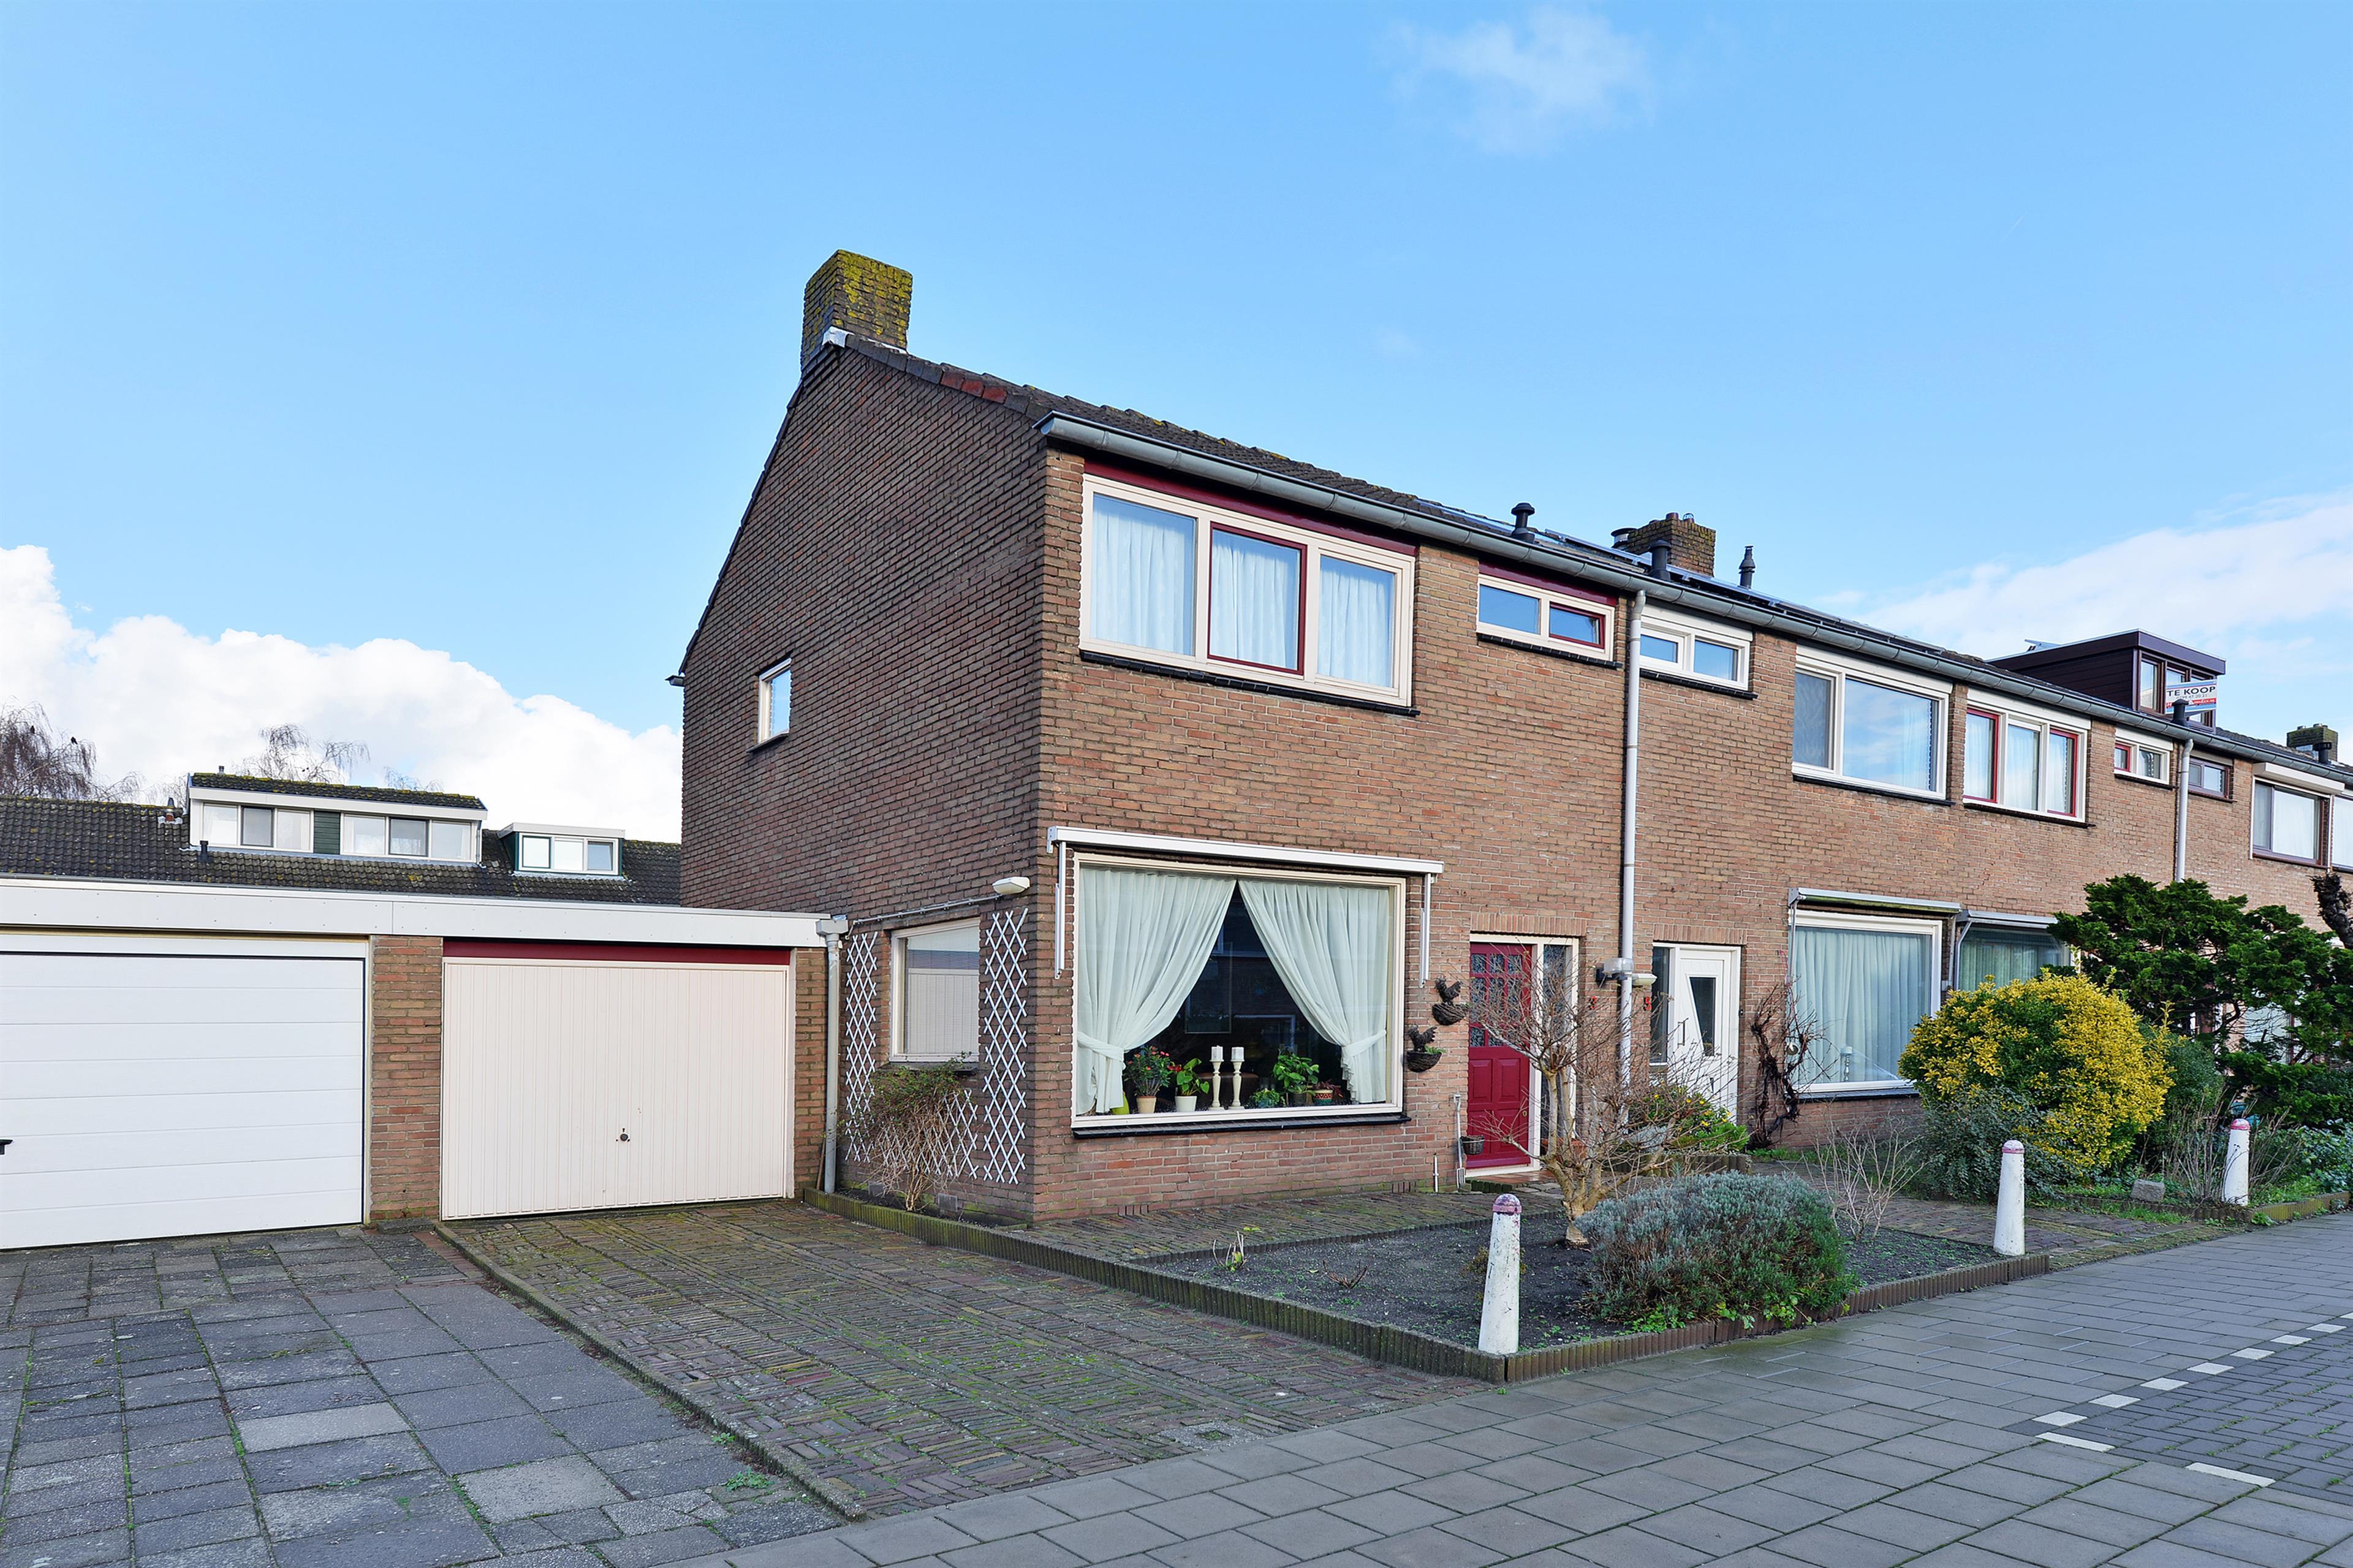 Te koop: Marianne van Hogendorpstraat 3, Purmerend - Hoekstra en ...